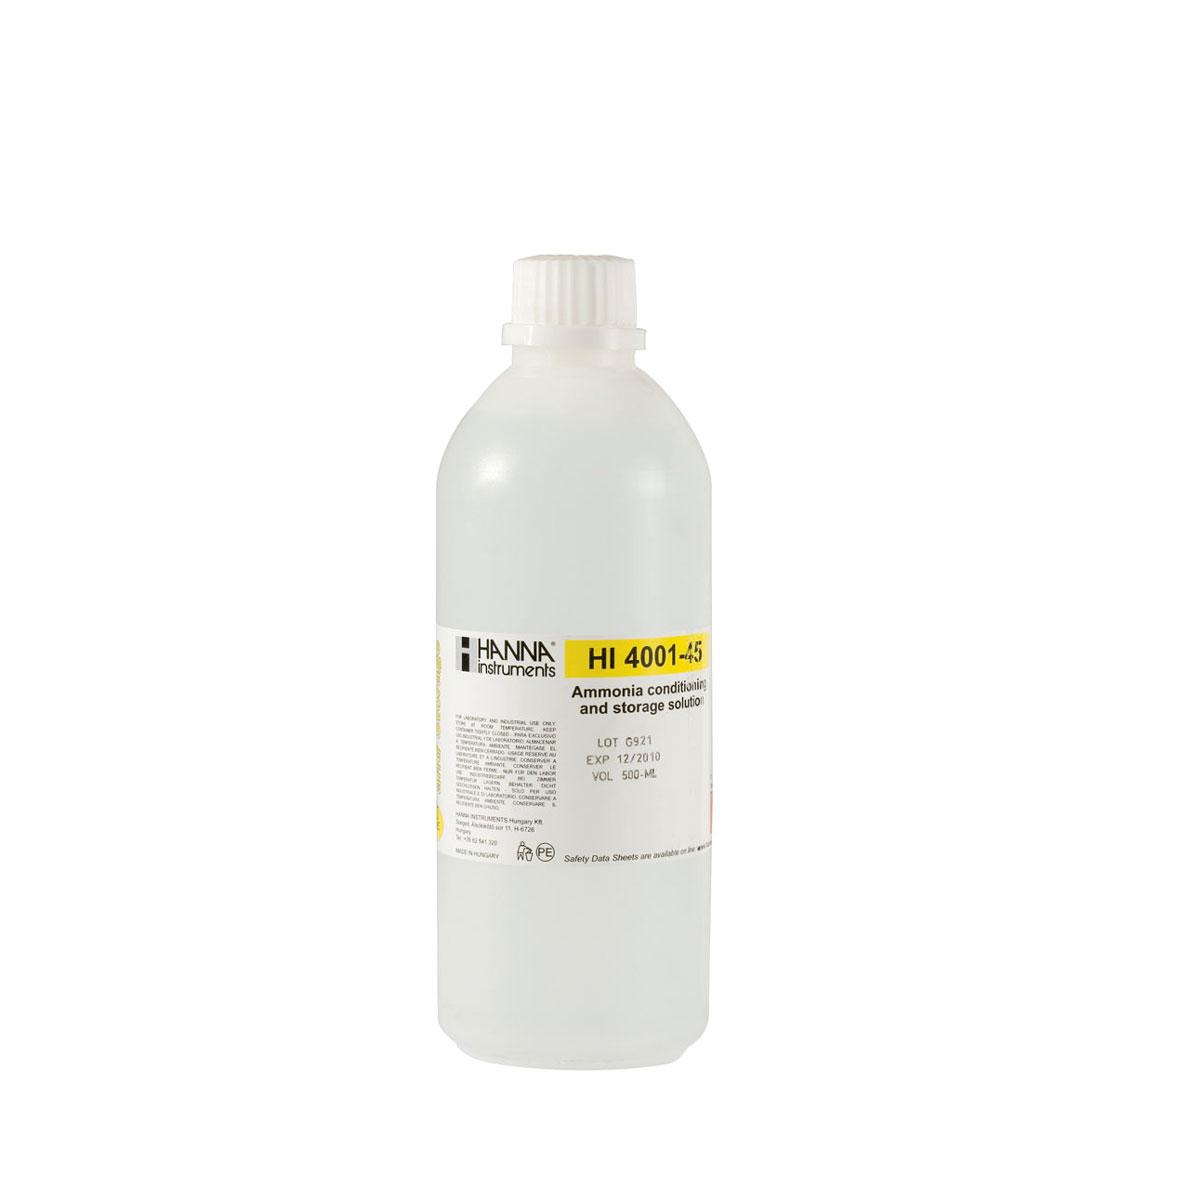 Solución de Acondicionamiento y Almacenamiento para ISE de Amoniaco - HI4001-45